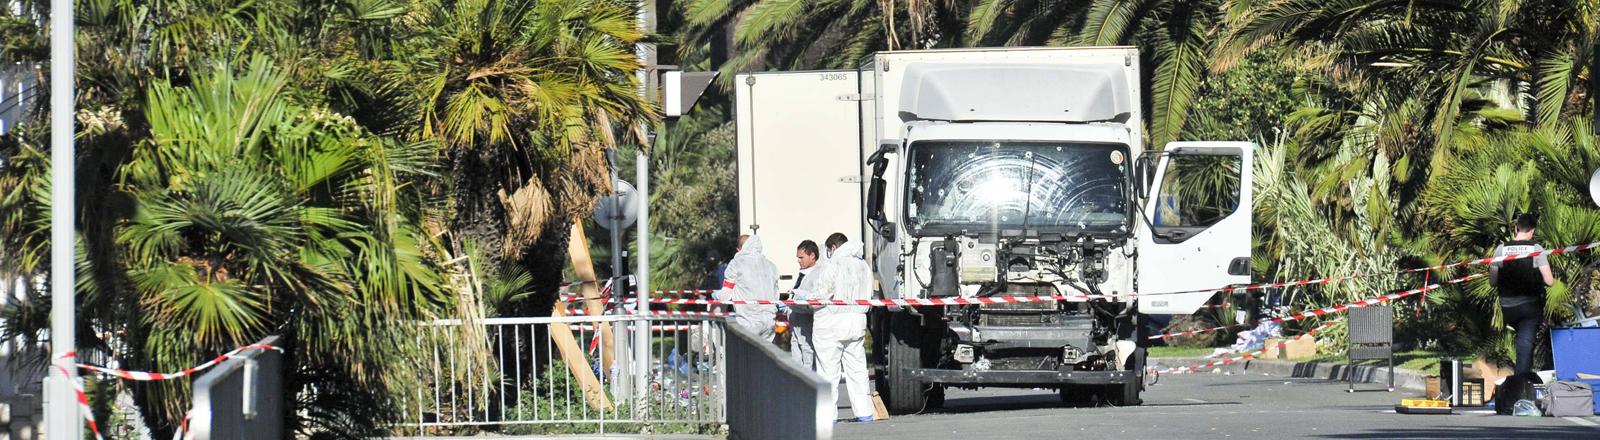 Am 15.07.2016 steht der Lastwagen in Nizza, mit dem mehr als 80 Menschen getötet wurden.